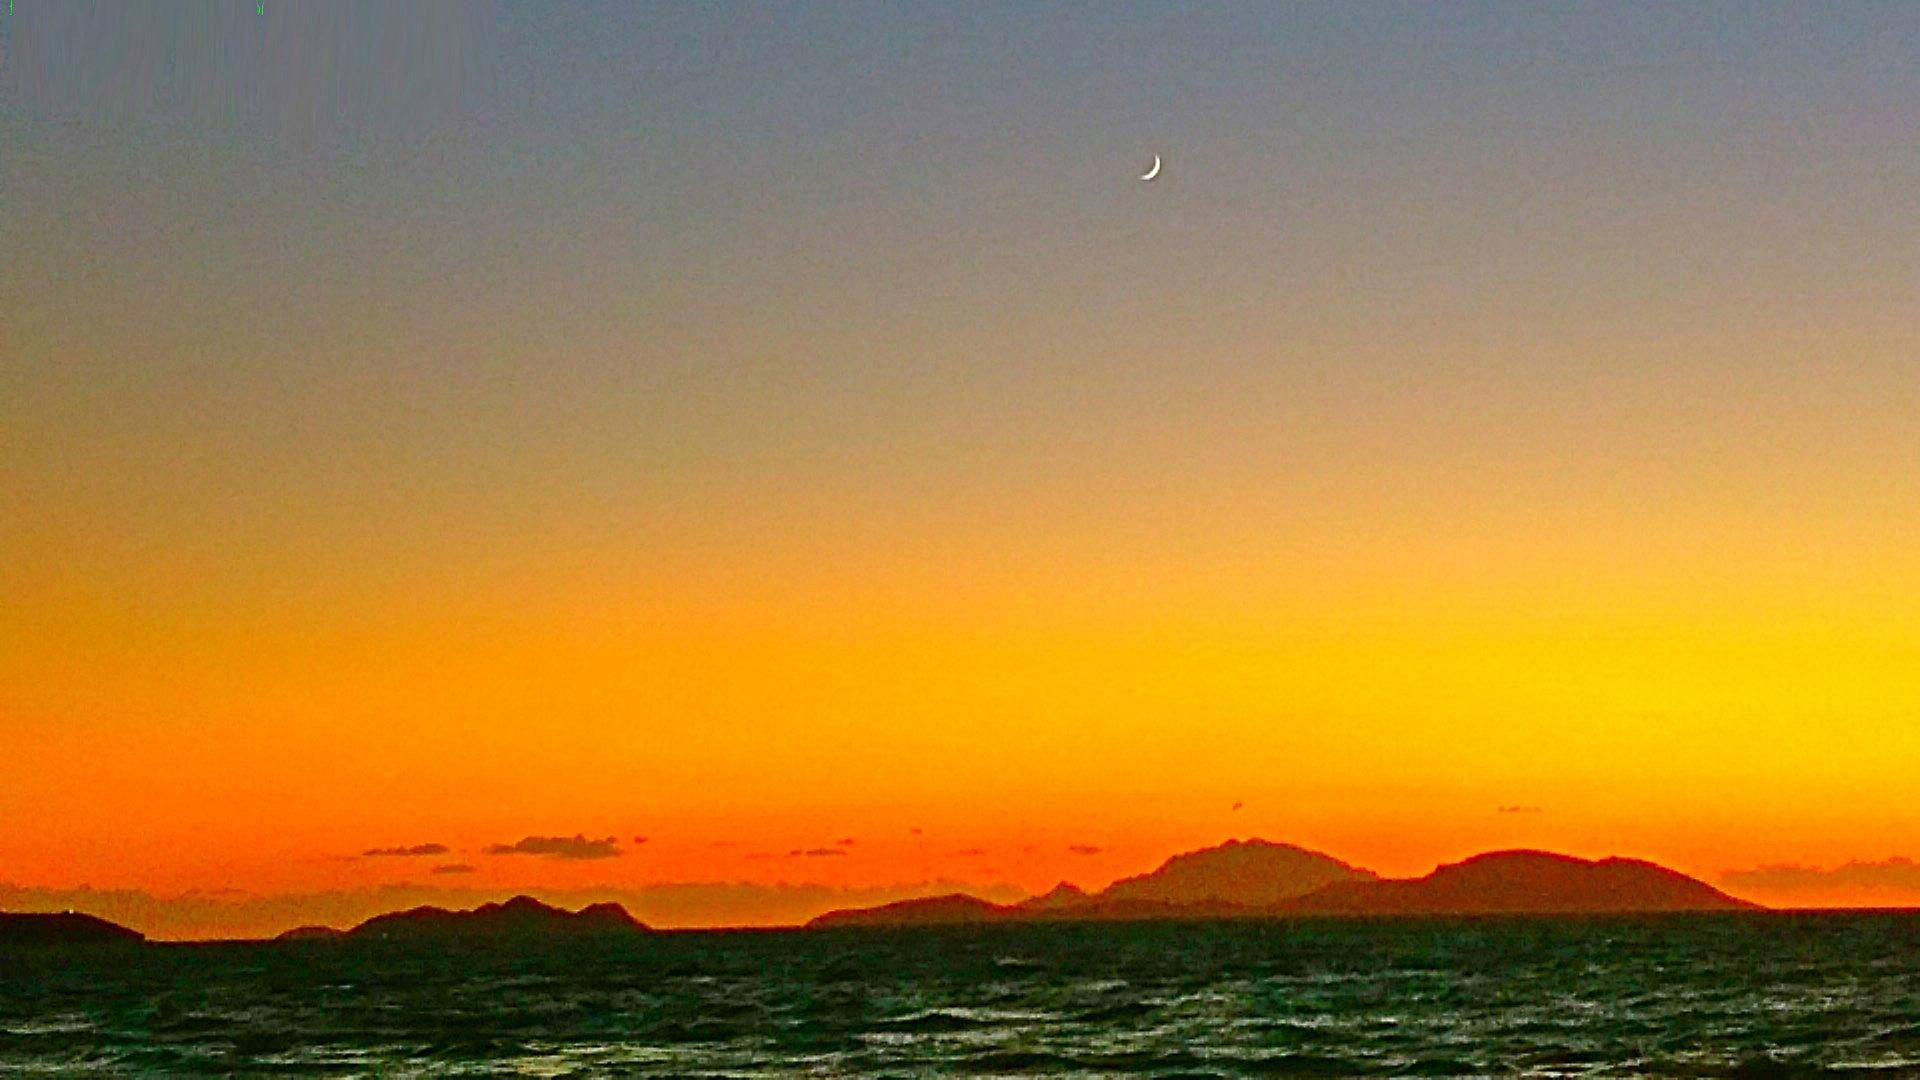 Закат над морем, полумесяц. Автор фото - Александр Фоков (Минск)